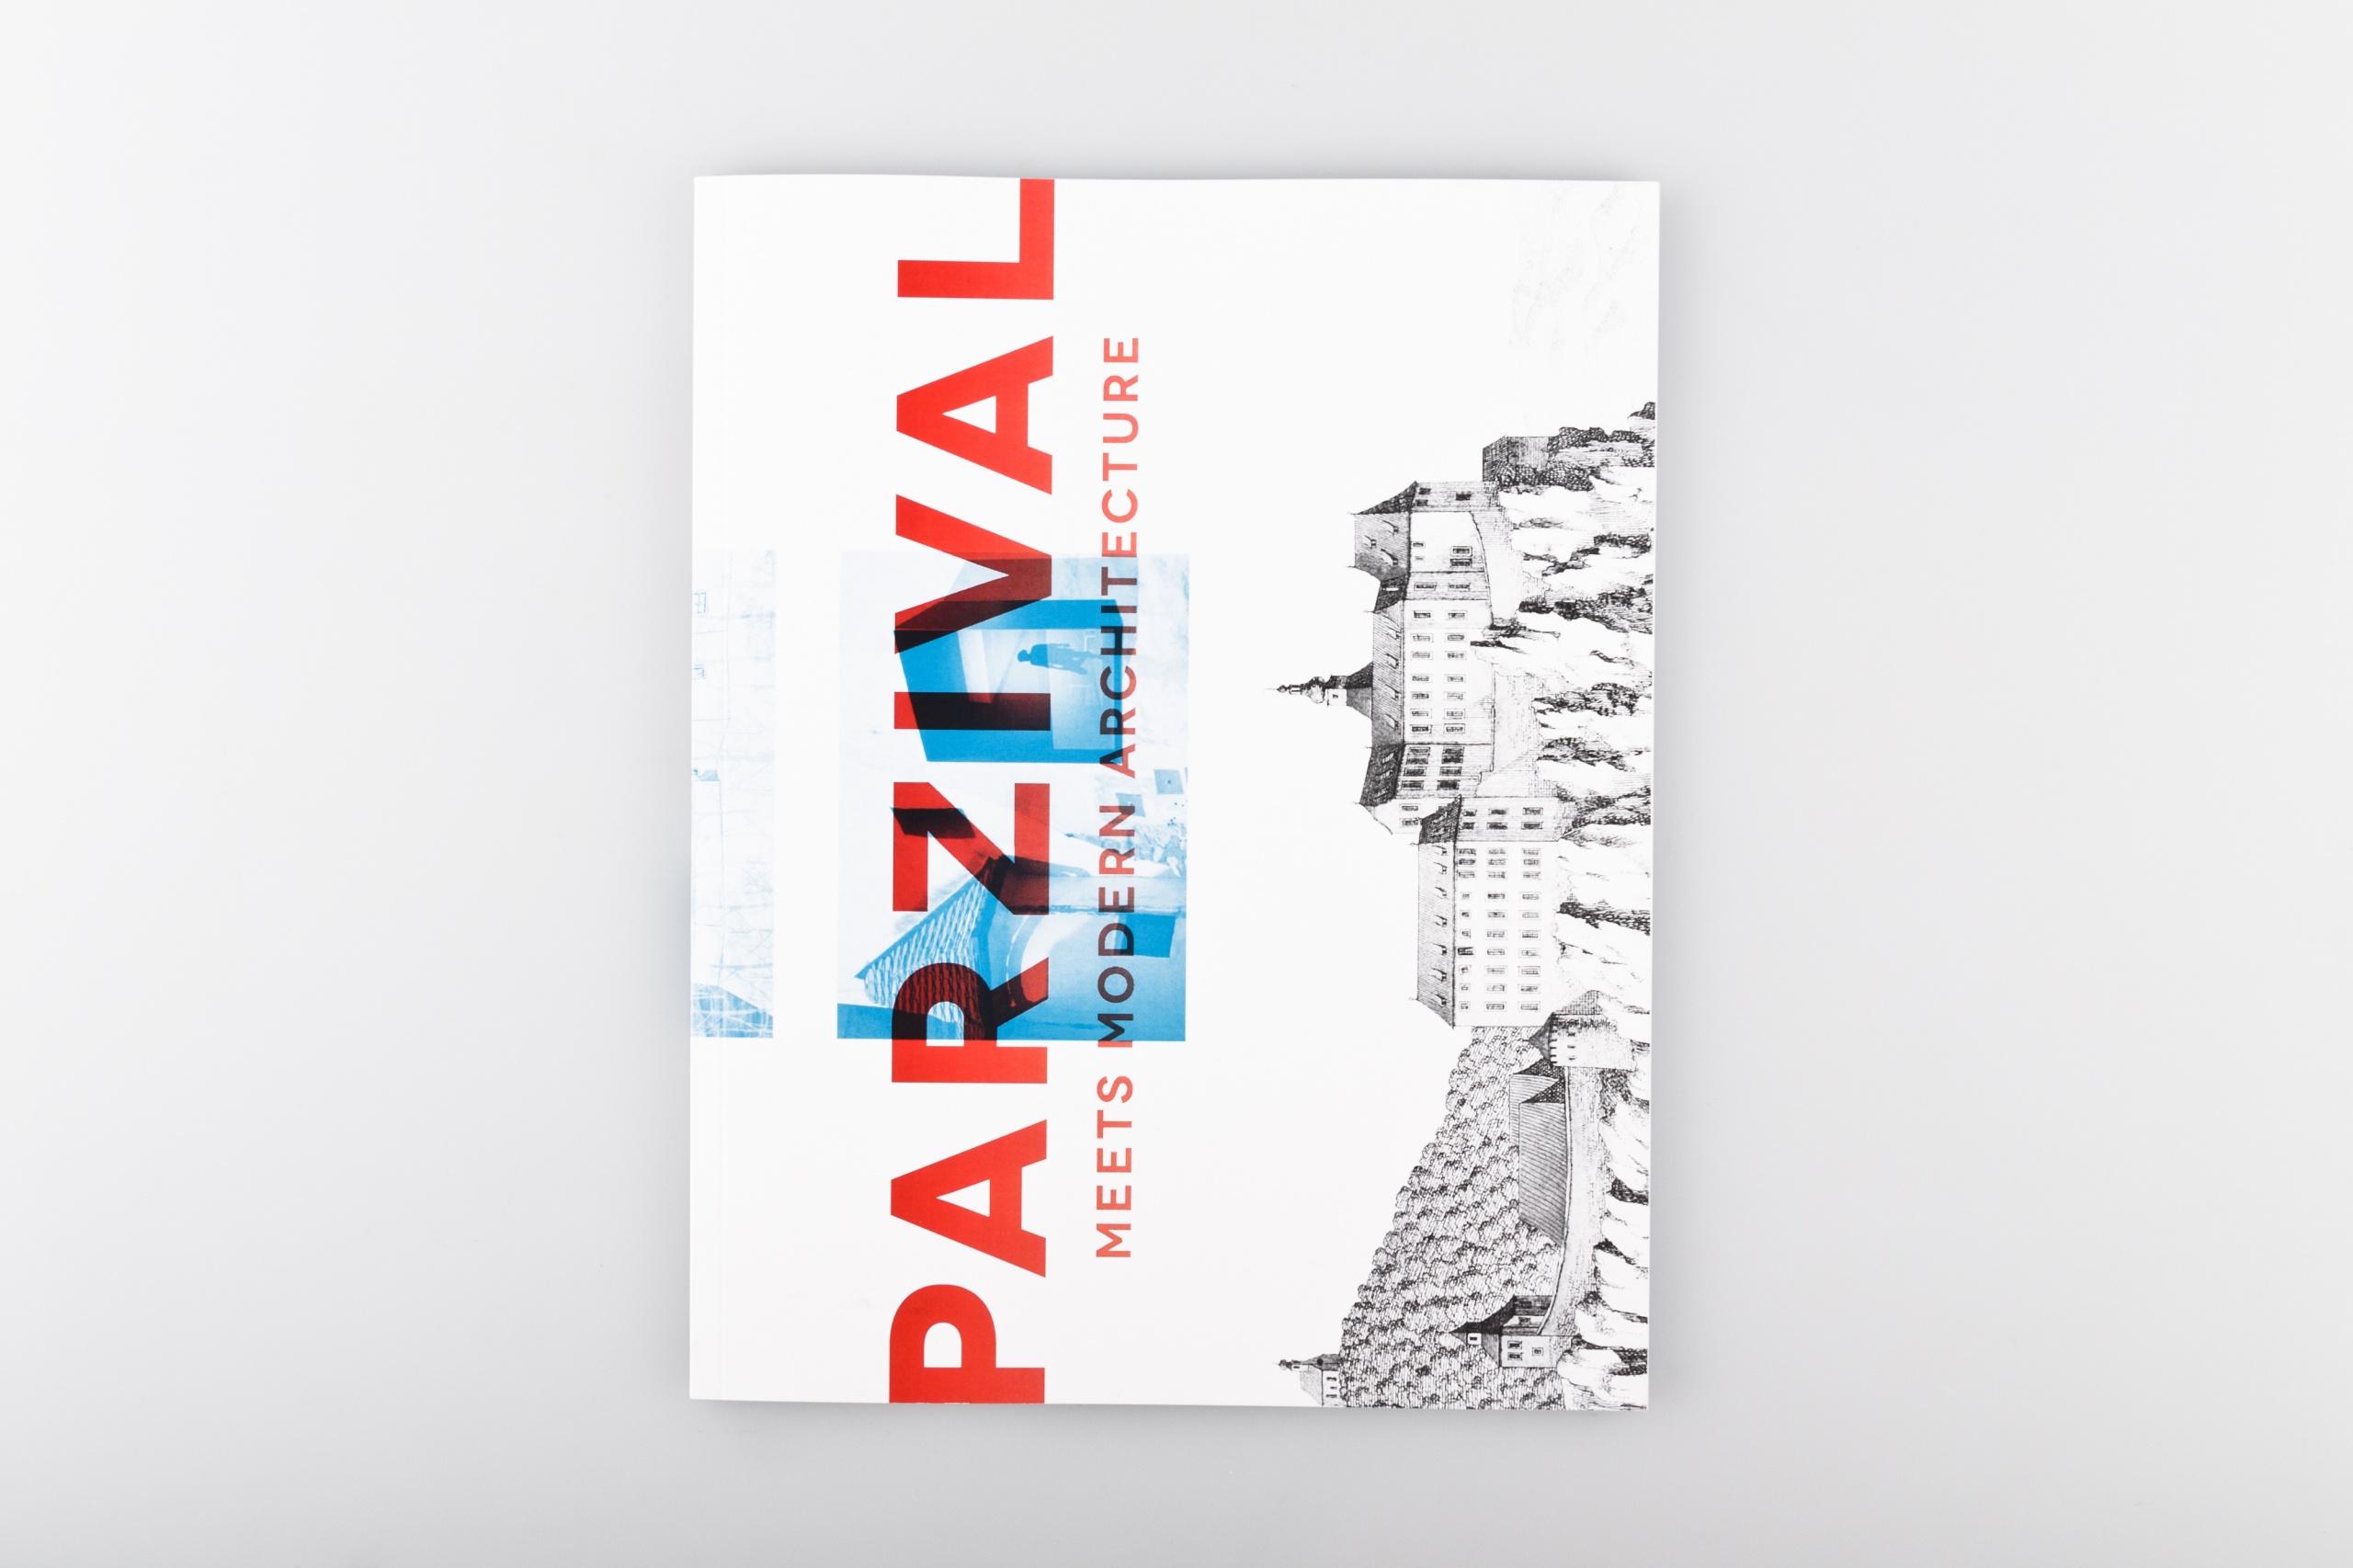 parzival3-2560x1706